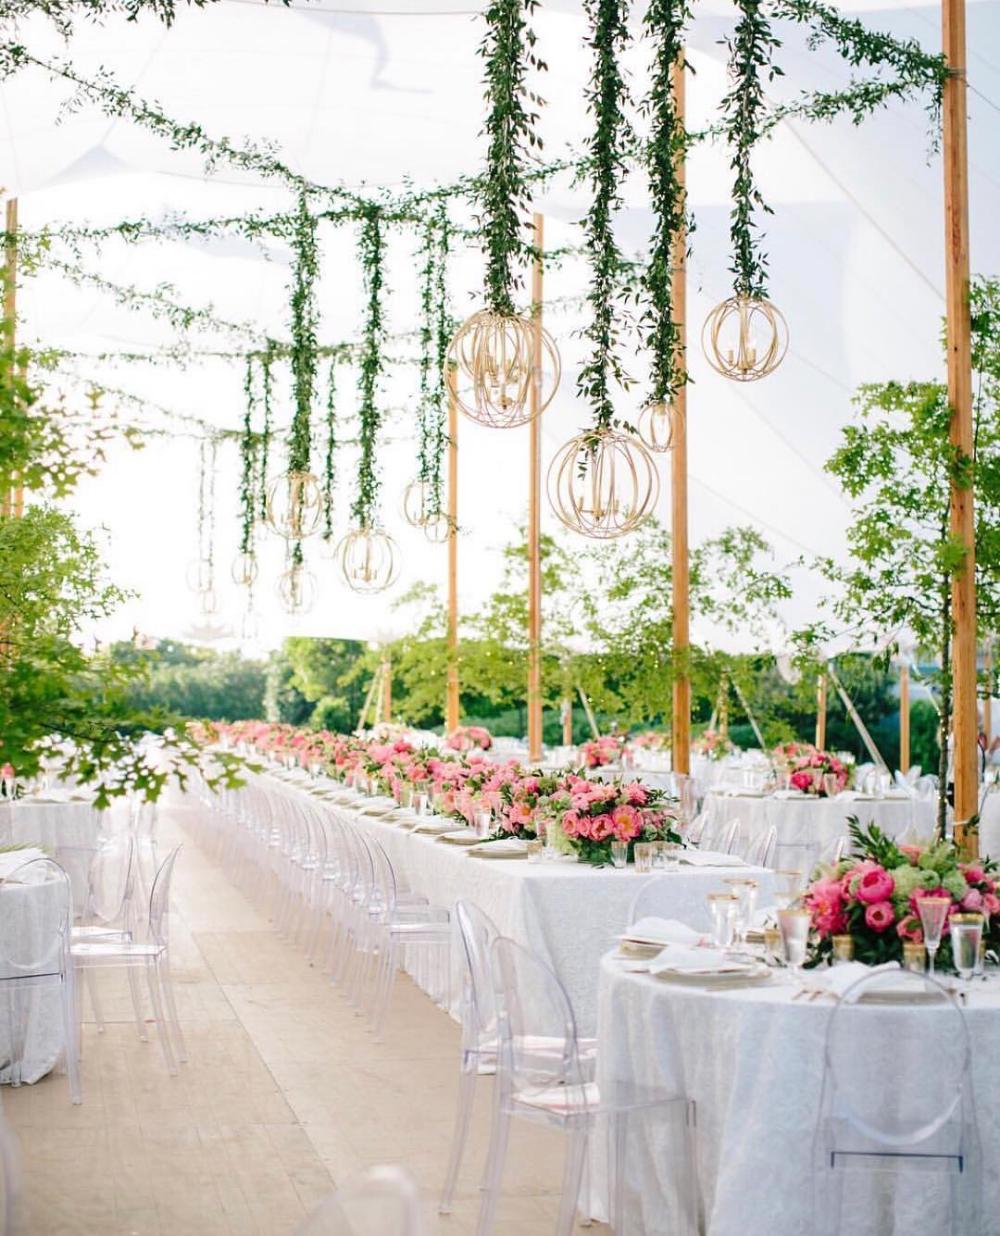 75+ Unique Spring Wedding Decor Ideas For The Lucky Couple